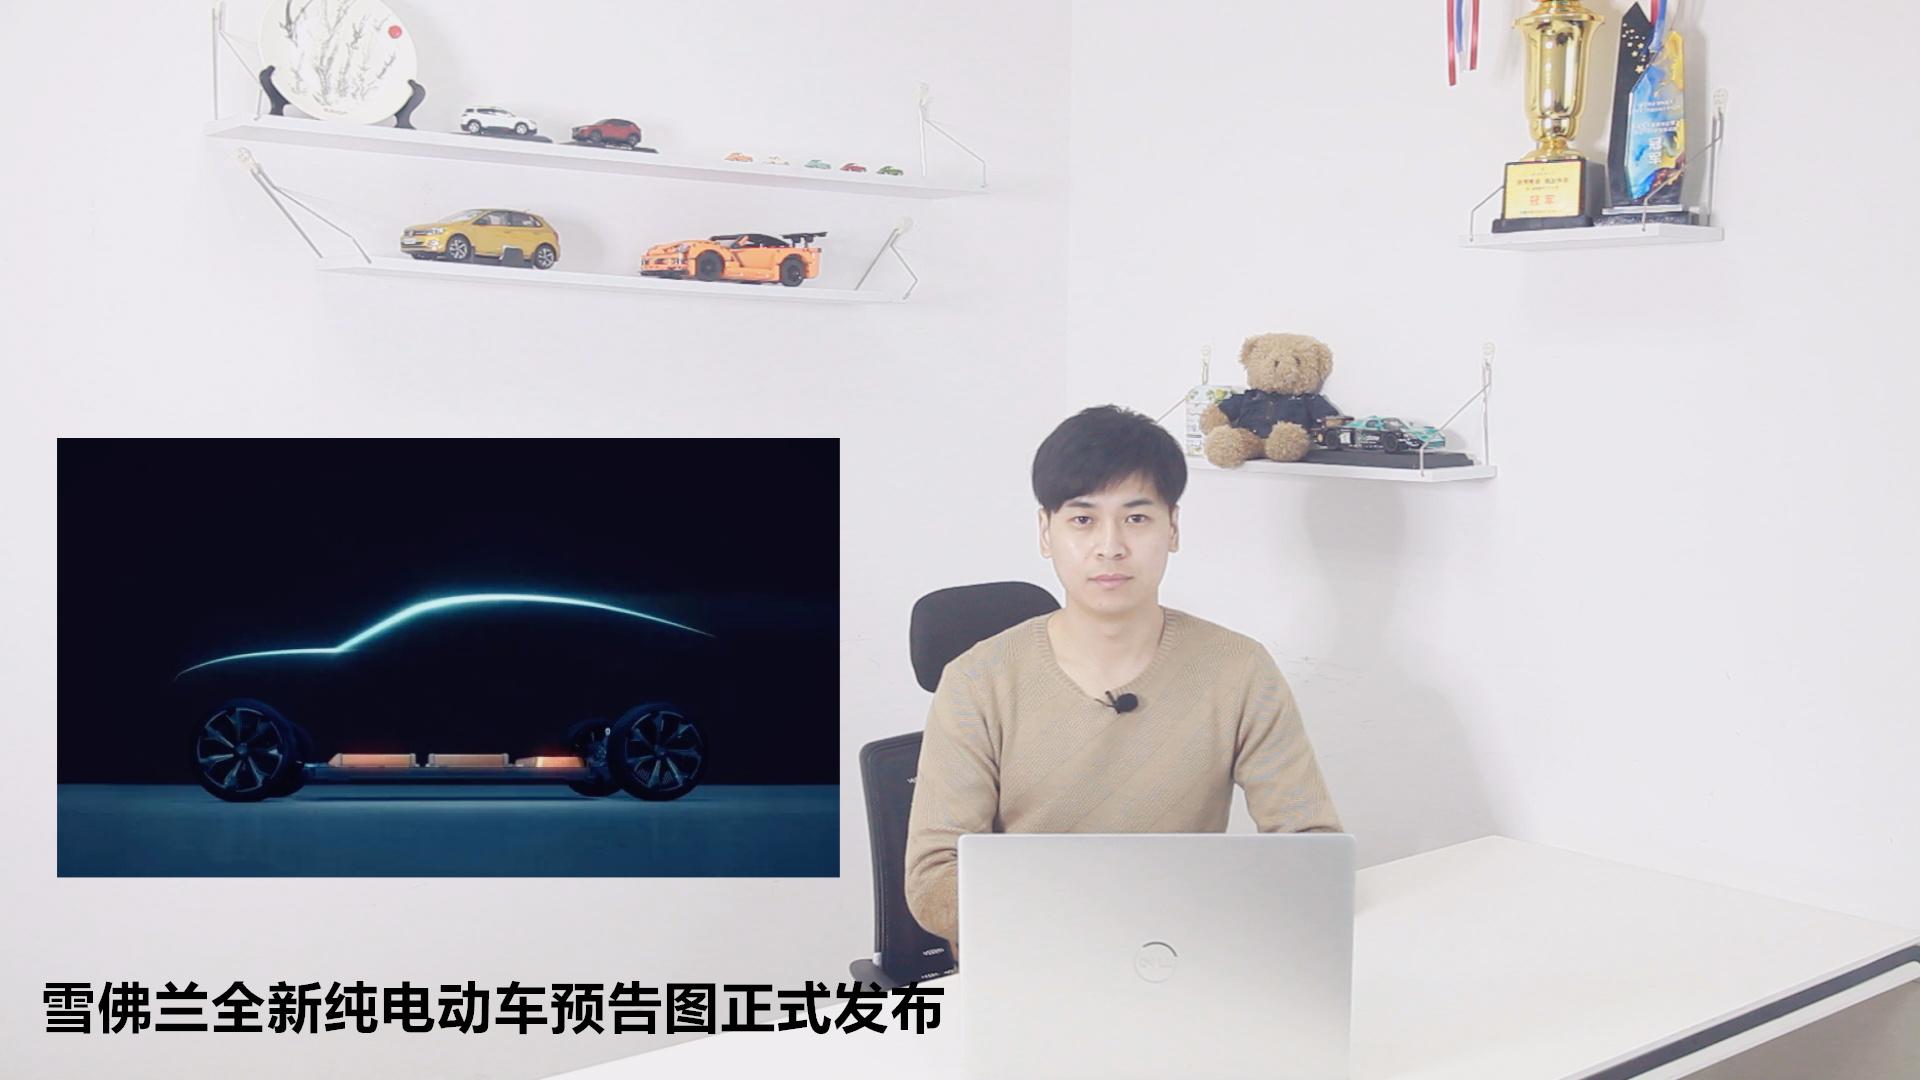 雪佛蘭全新純電動車預告圖正式發布